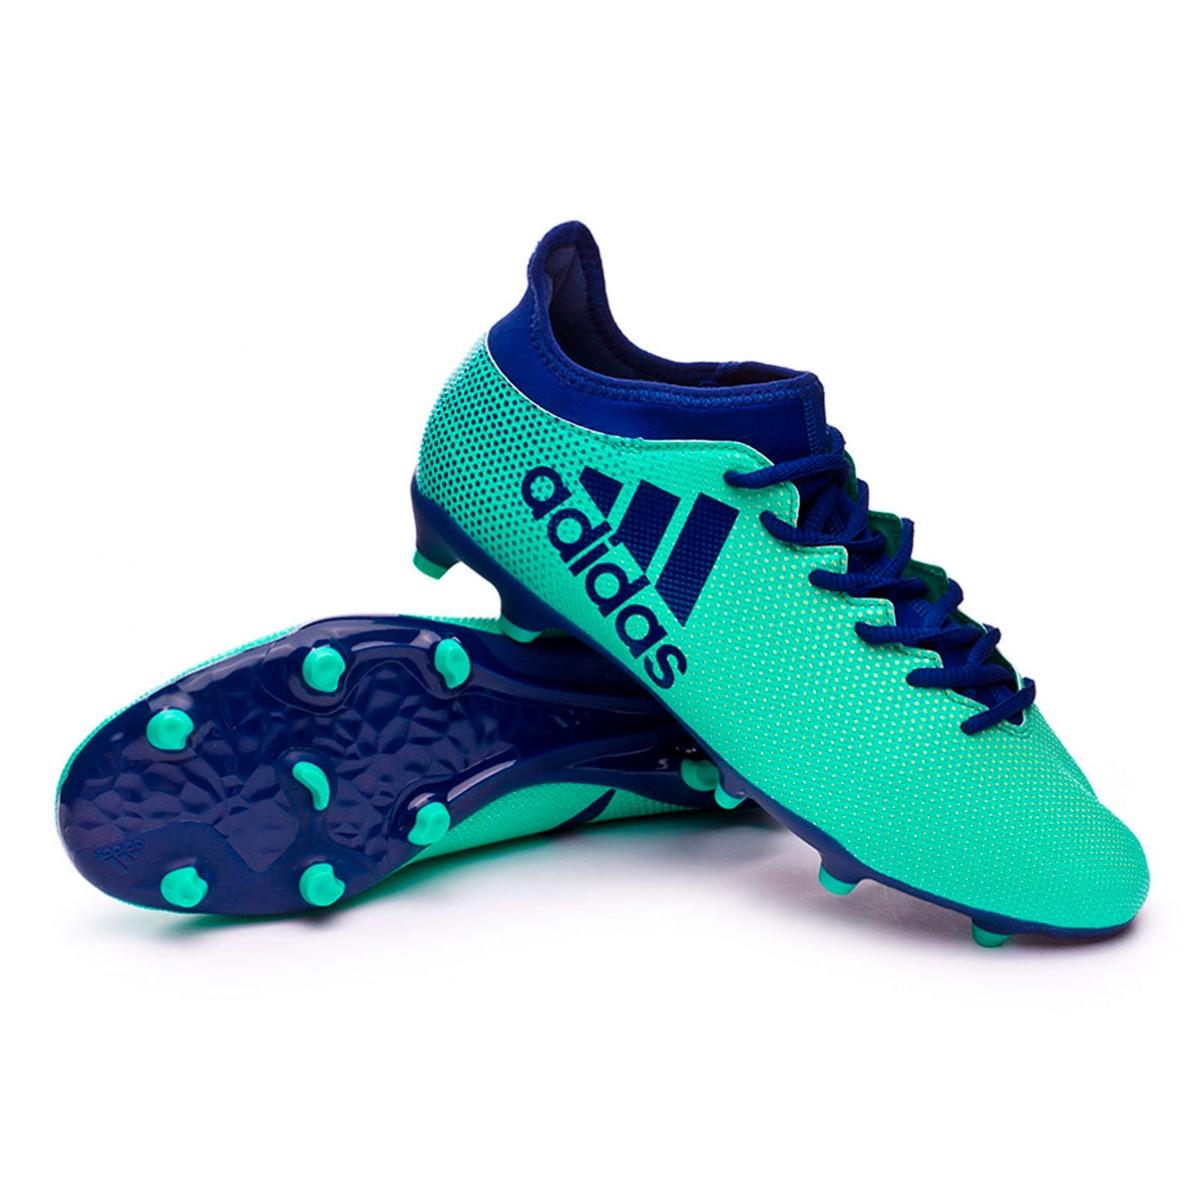 Boot adidas X 17.3 FG Aero green-Unity ink-Hi-res green ... c57d96080